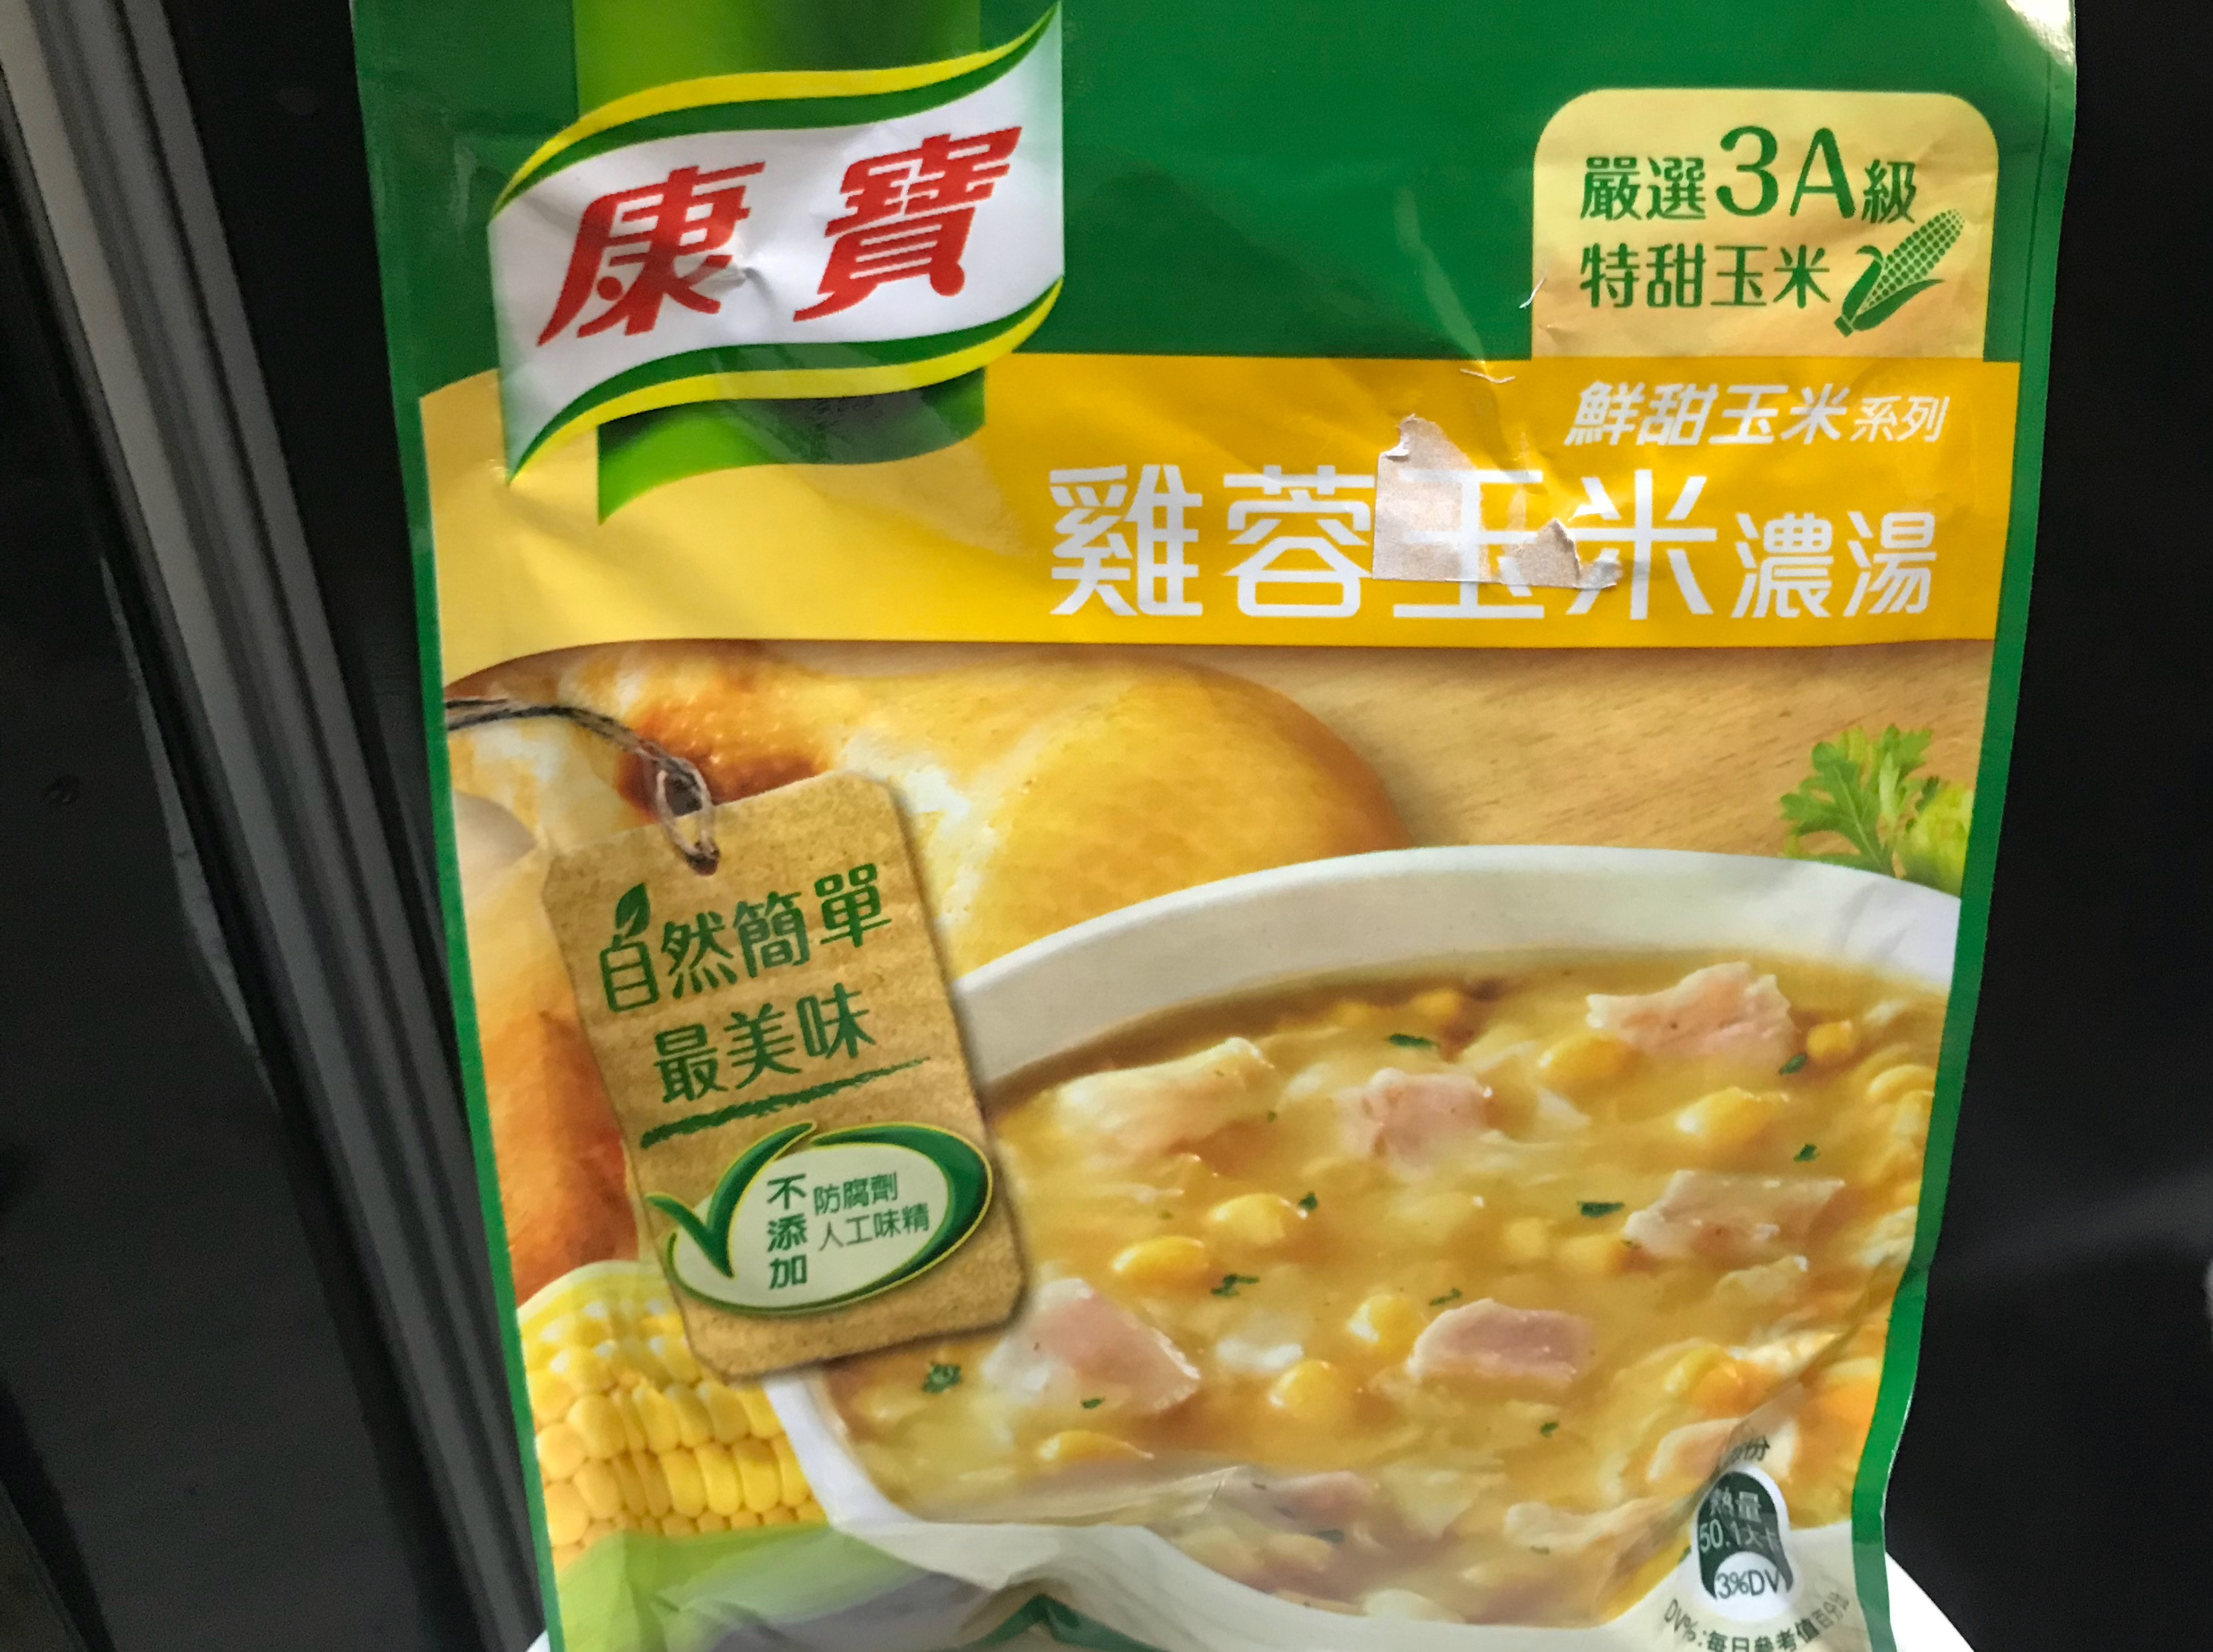 👨🏻🍳雞蓉玉米粥-康寶濃湯包